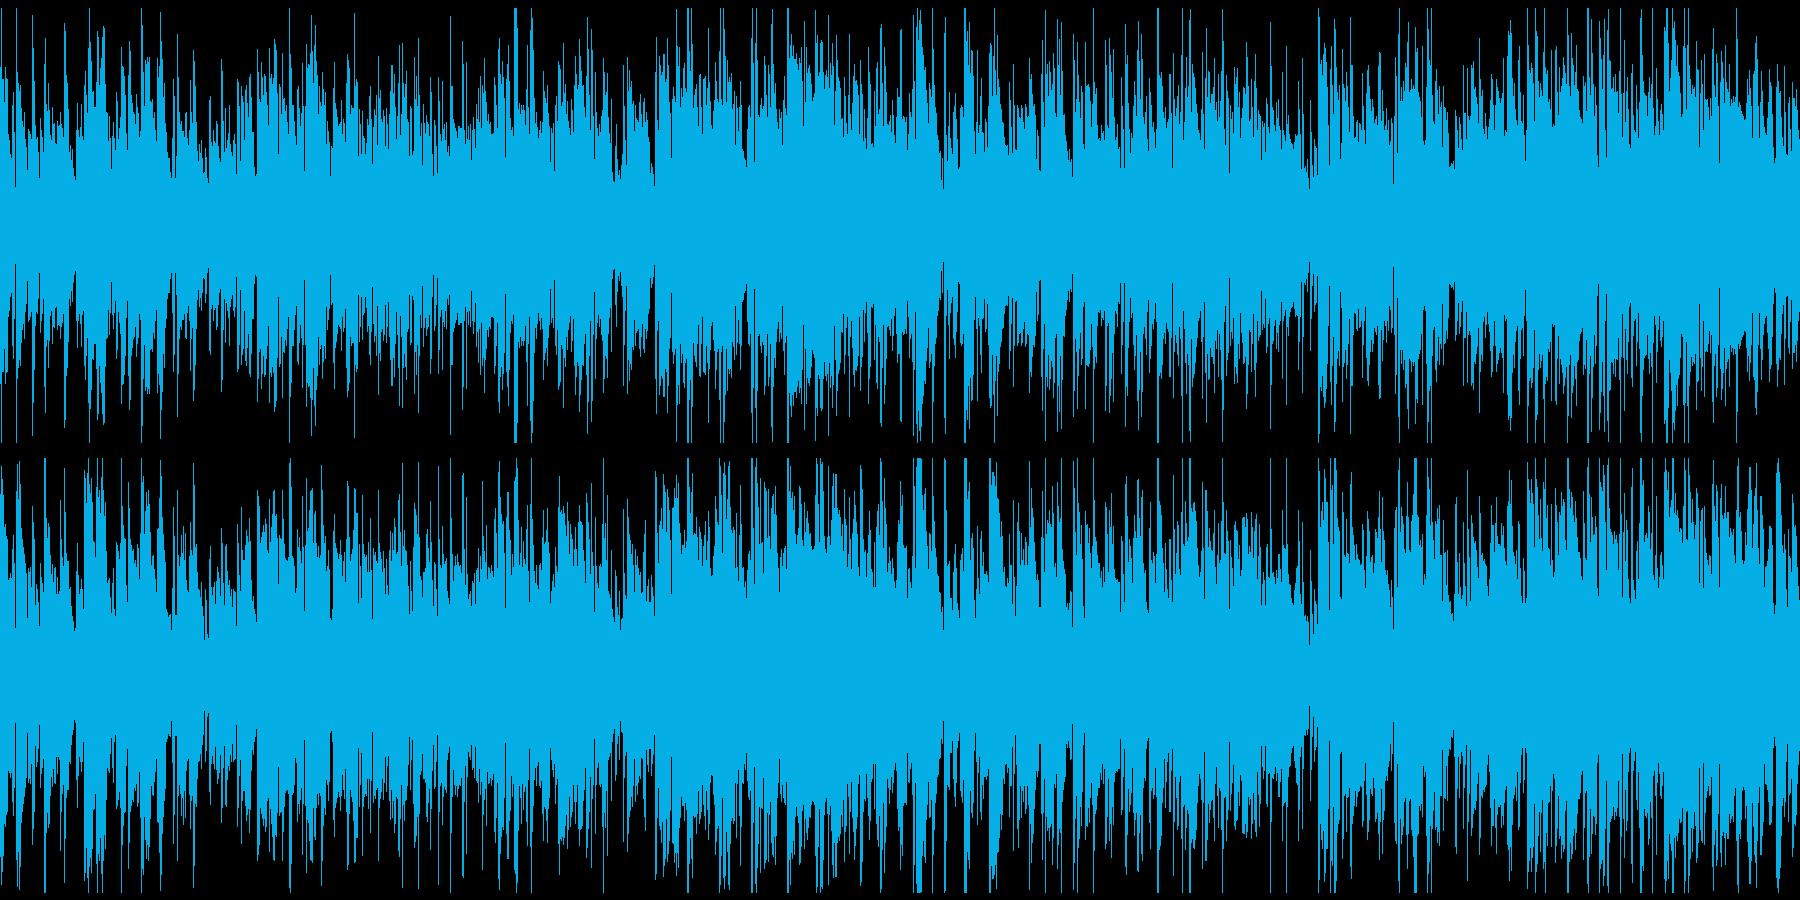 秋の散歩、お洒落ボサノバ、大人※ループ版の再生済みの波形